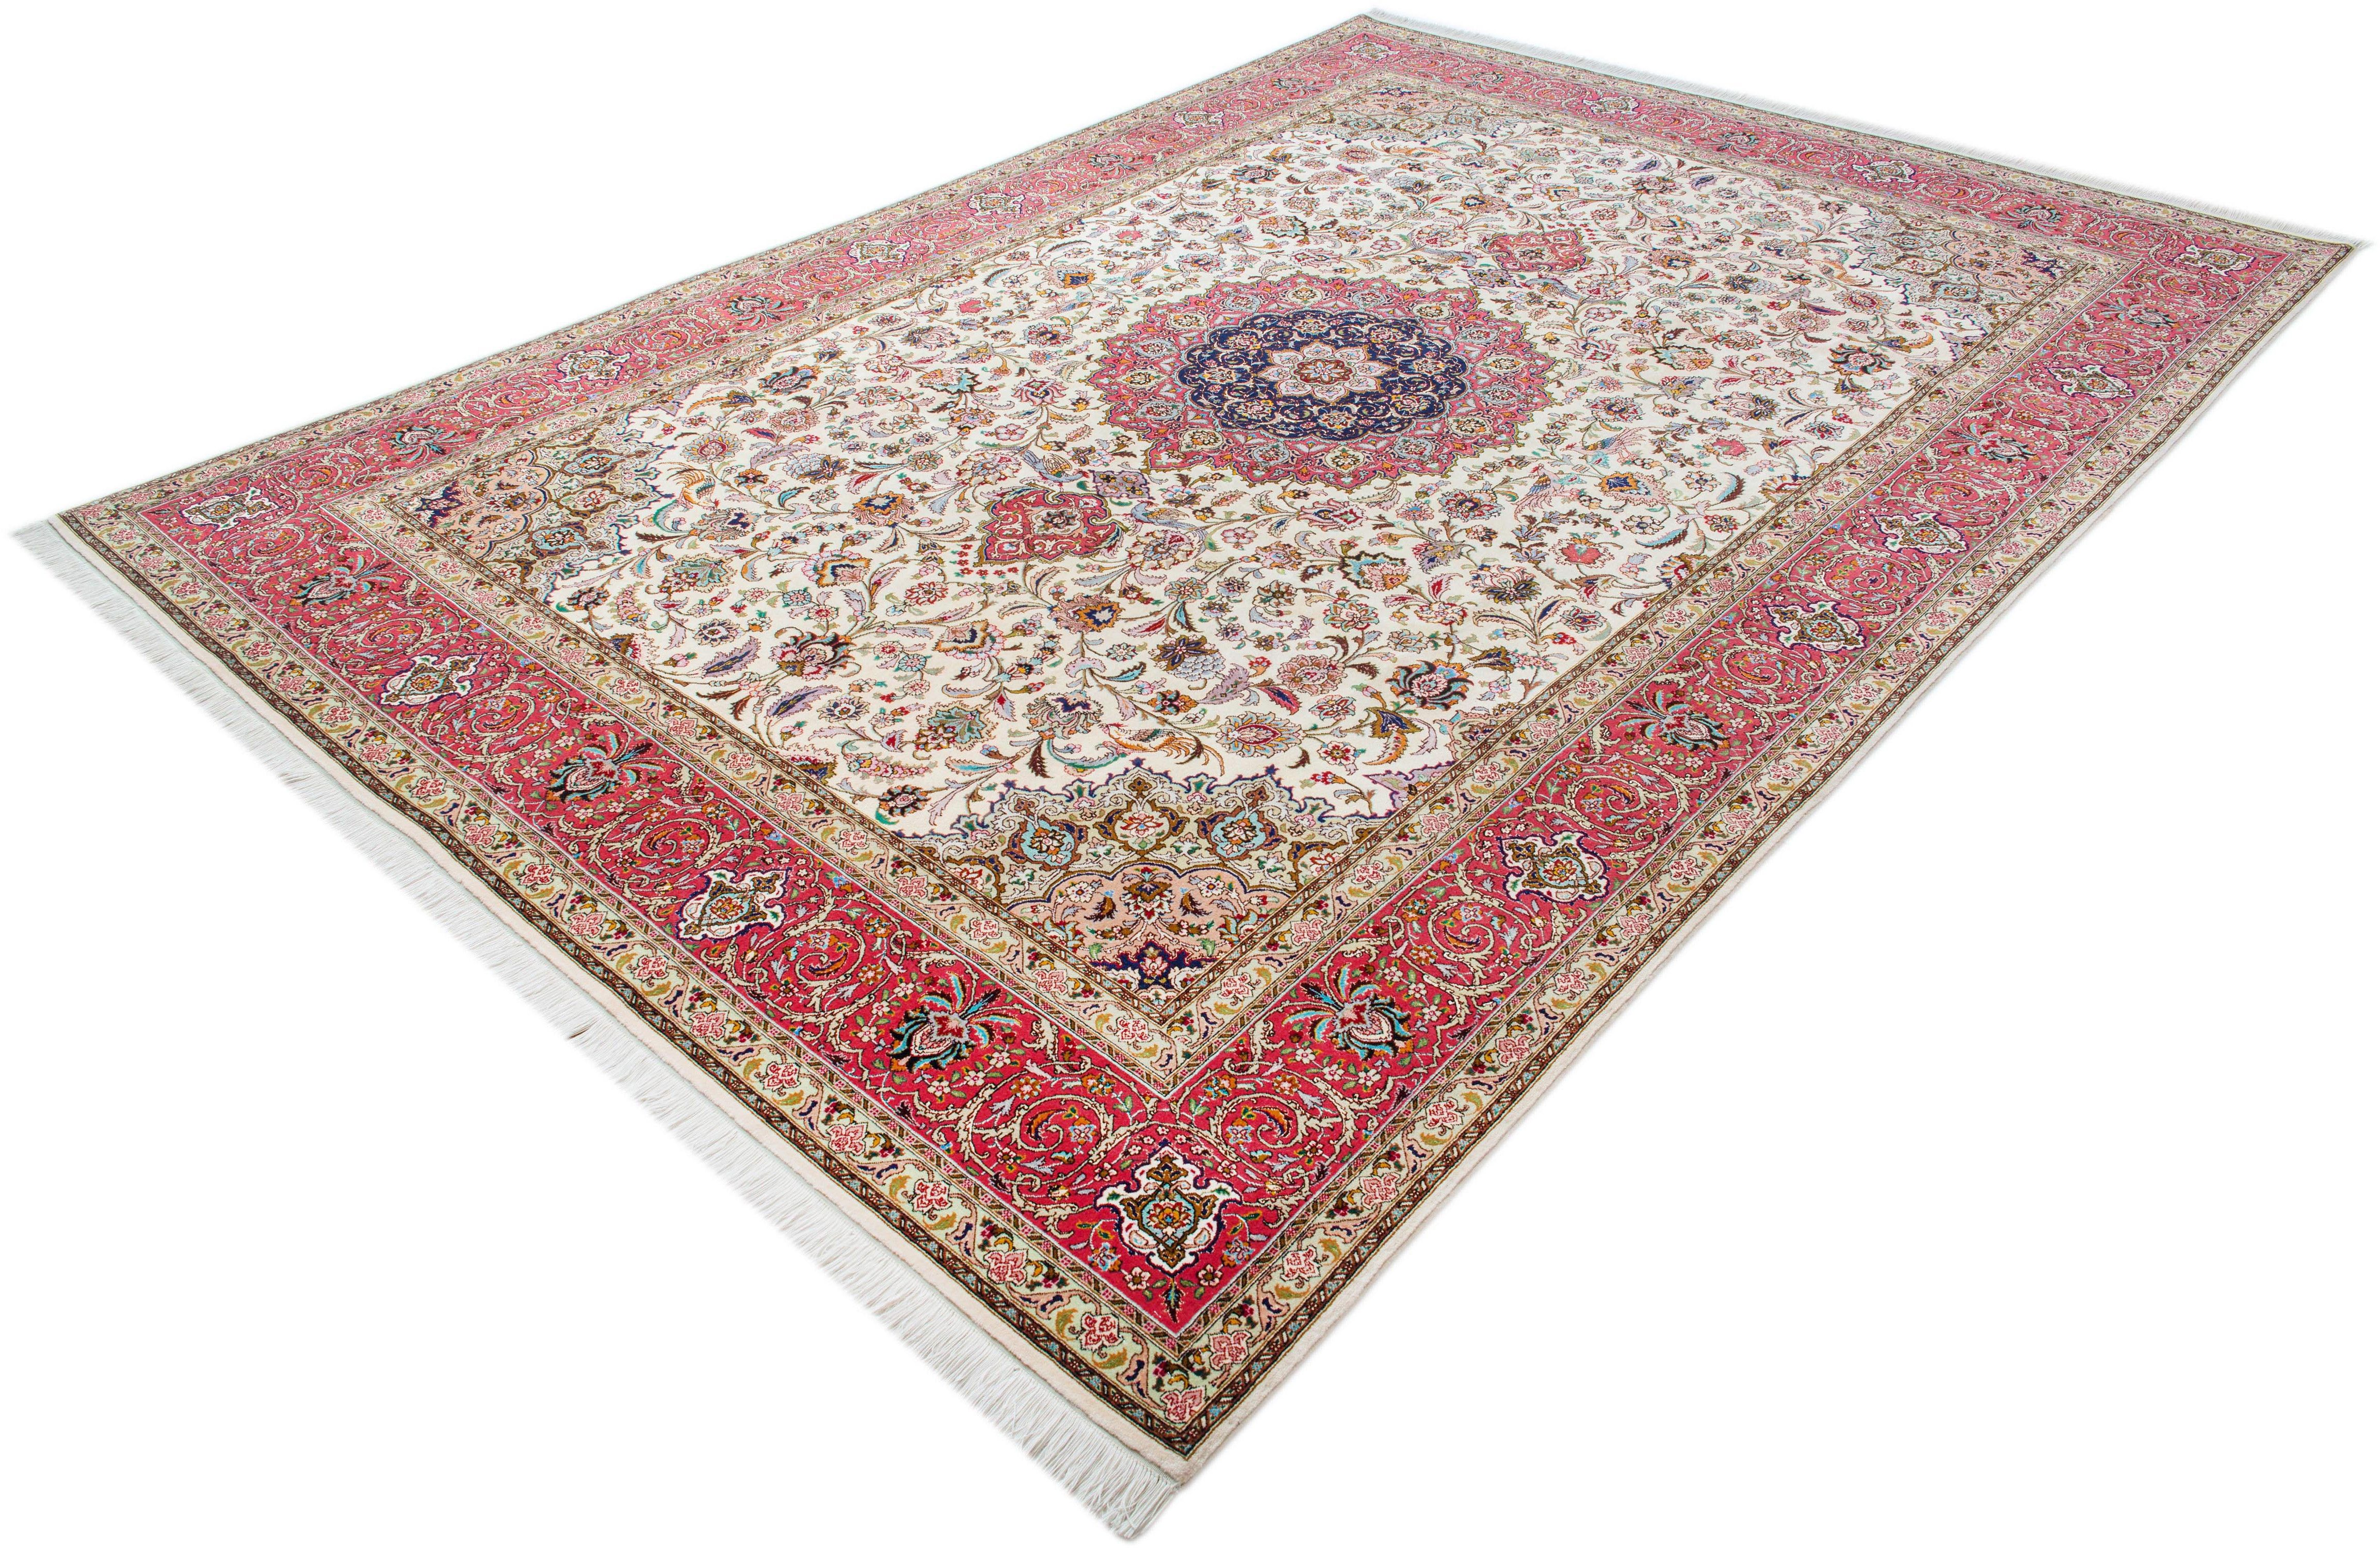 Orientteppich »Tabris«, Parwis, rechteckig, Höhe 15 mm, Wolle, 700.000 Knoten/m², Unikat